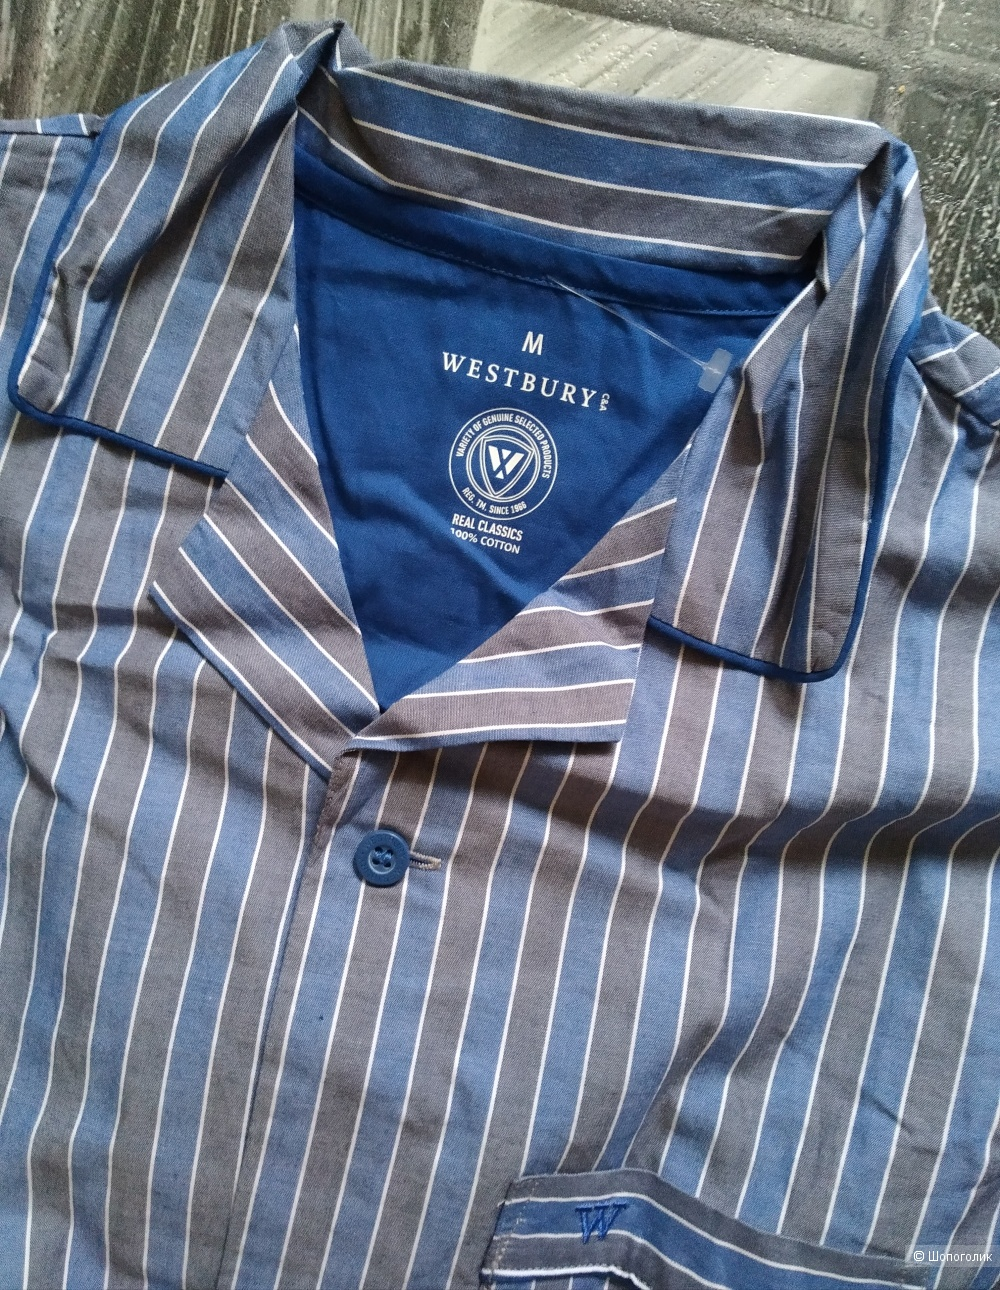 Пижама westbury размер 46